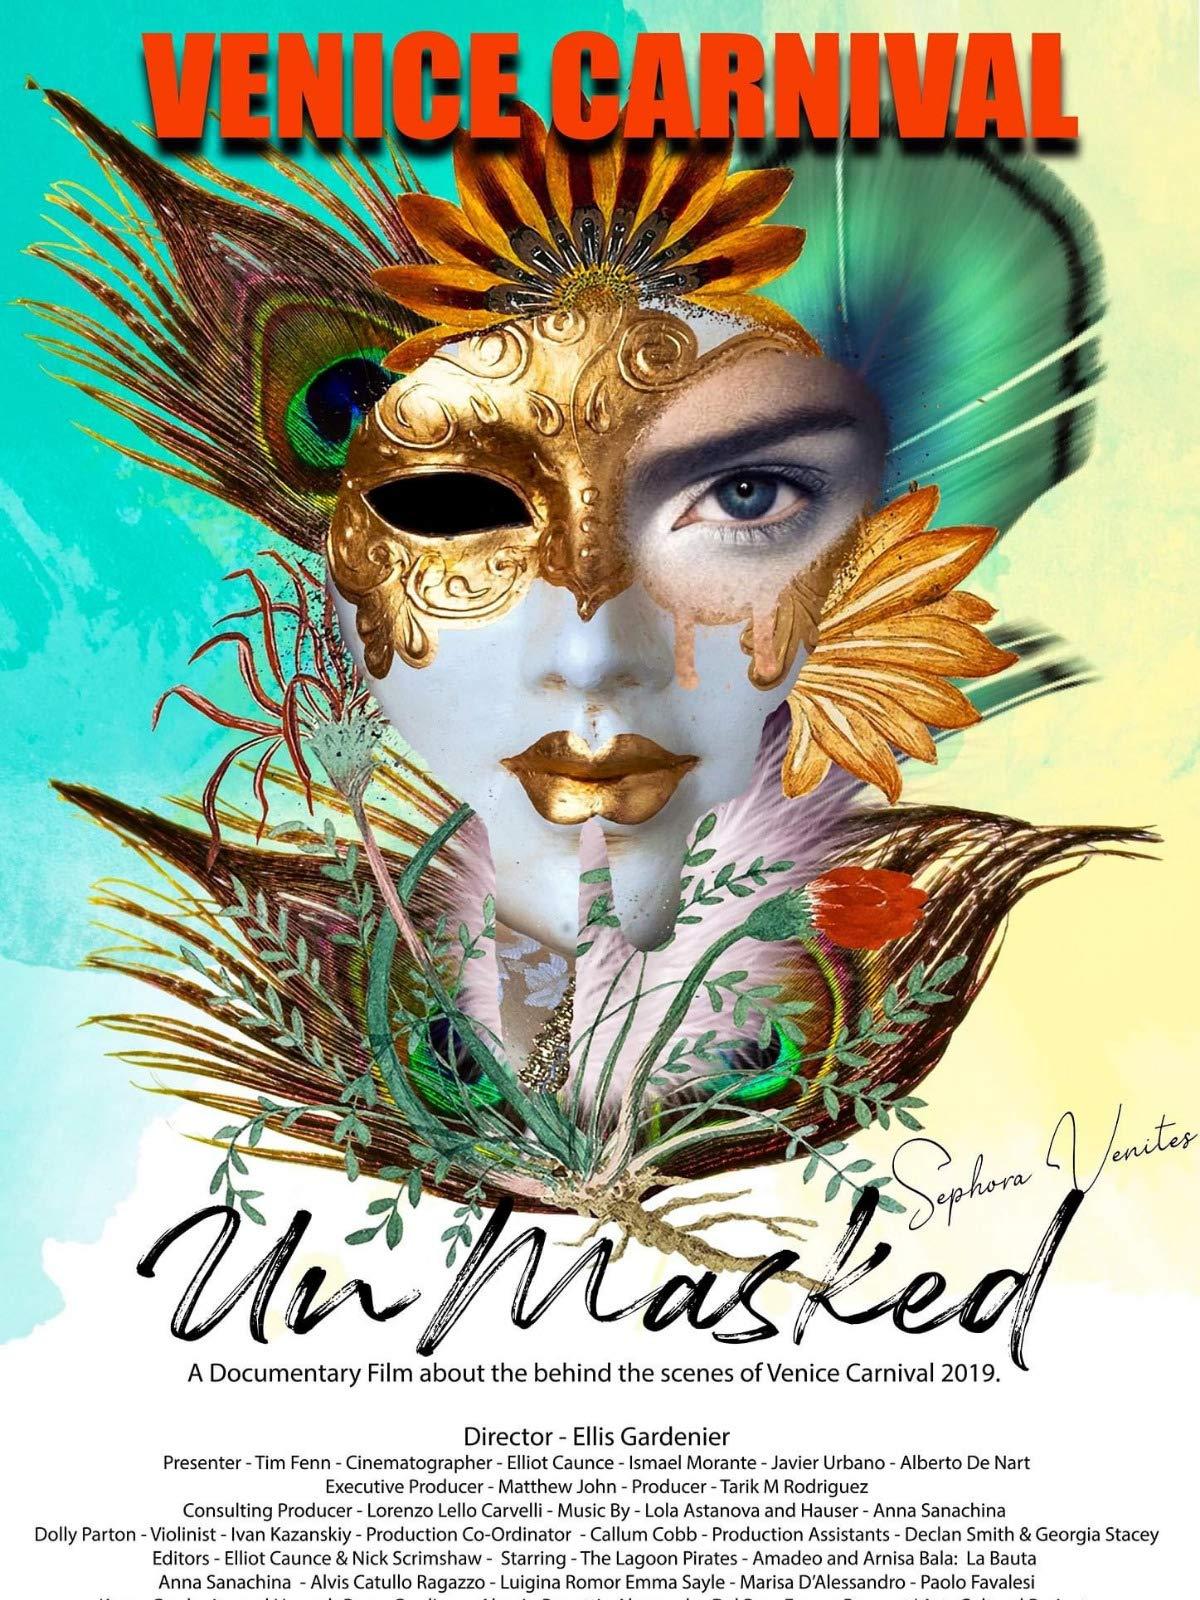 Venice Carnival Un Masked